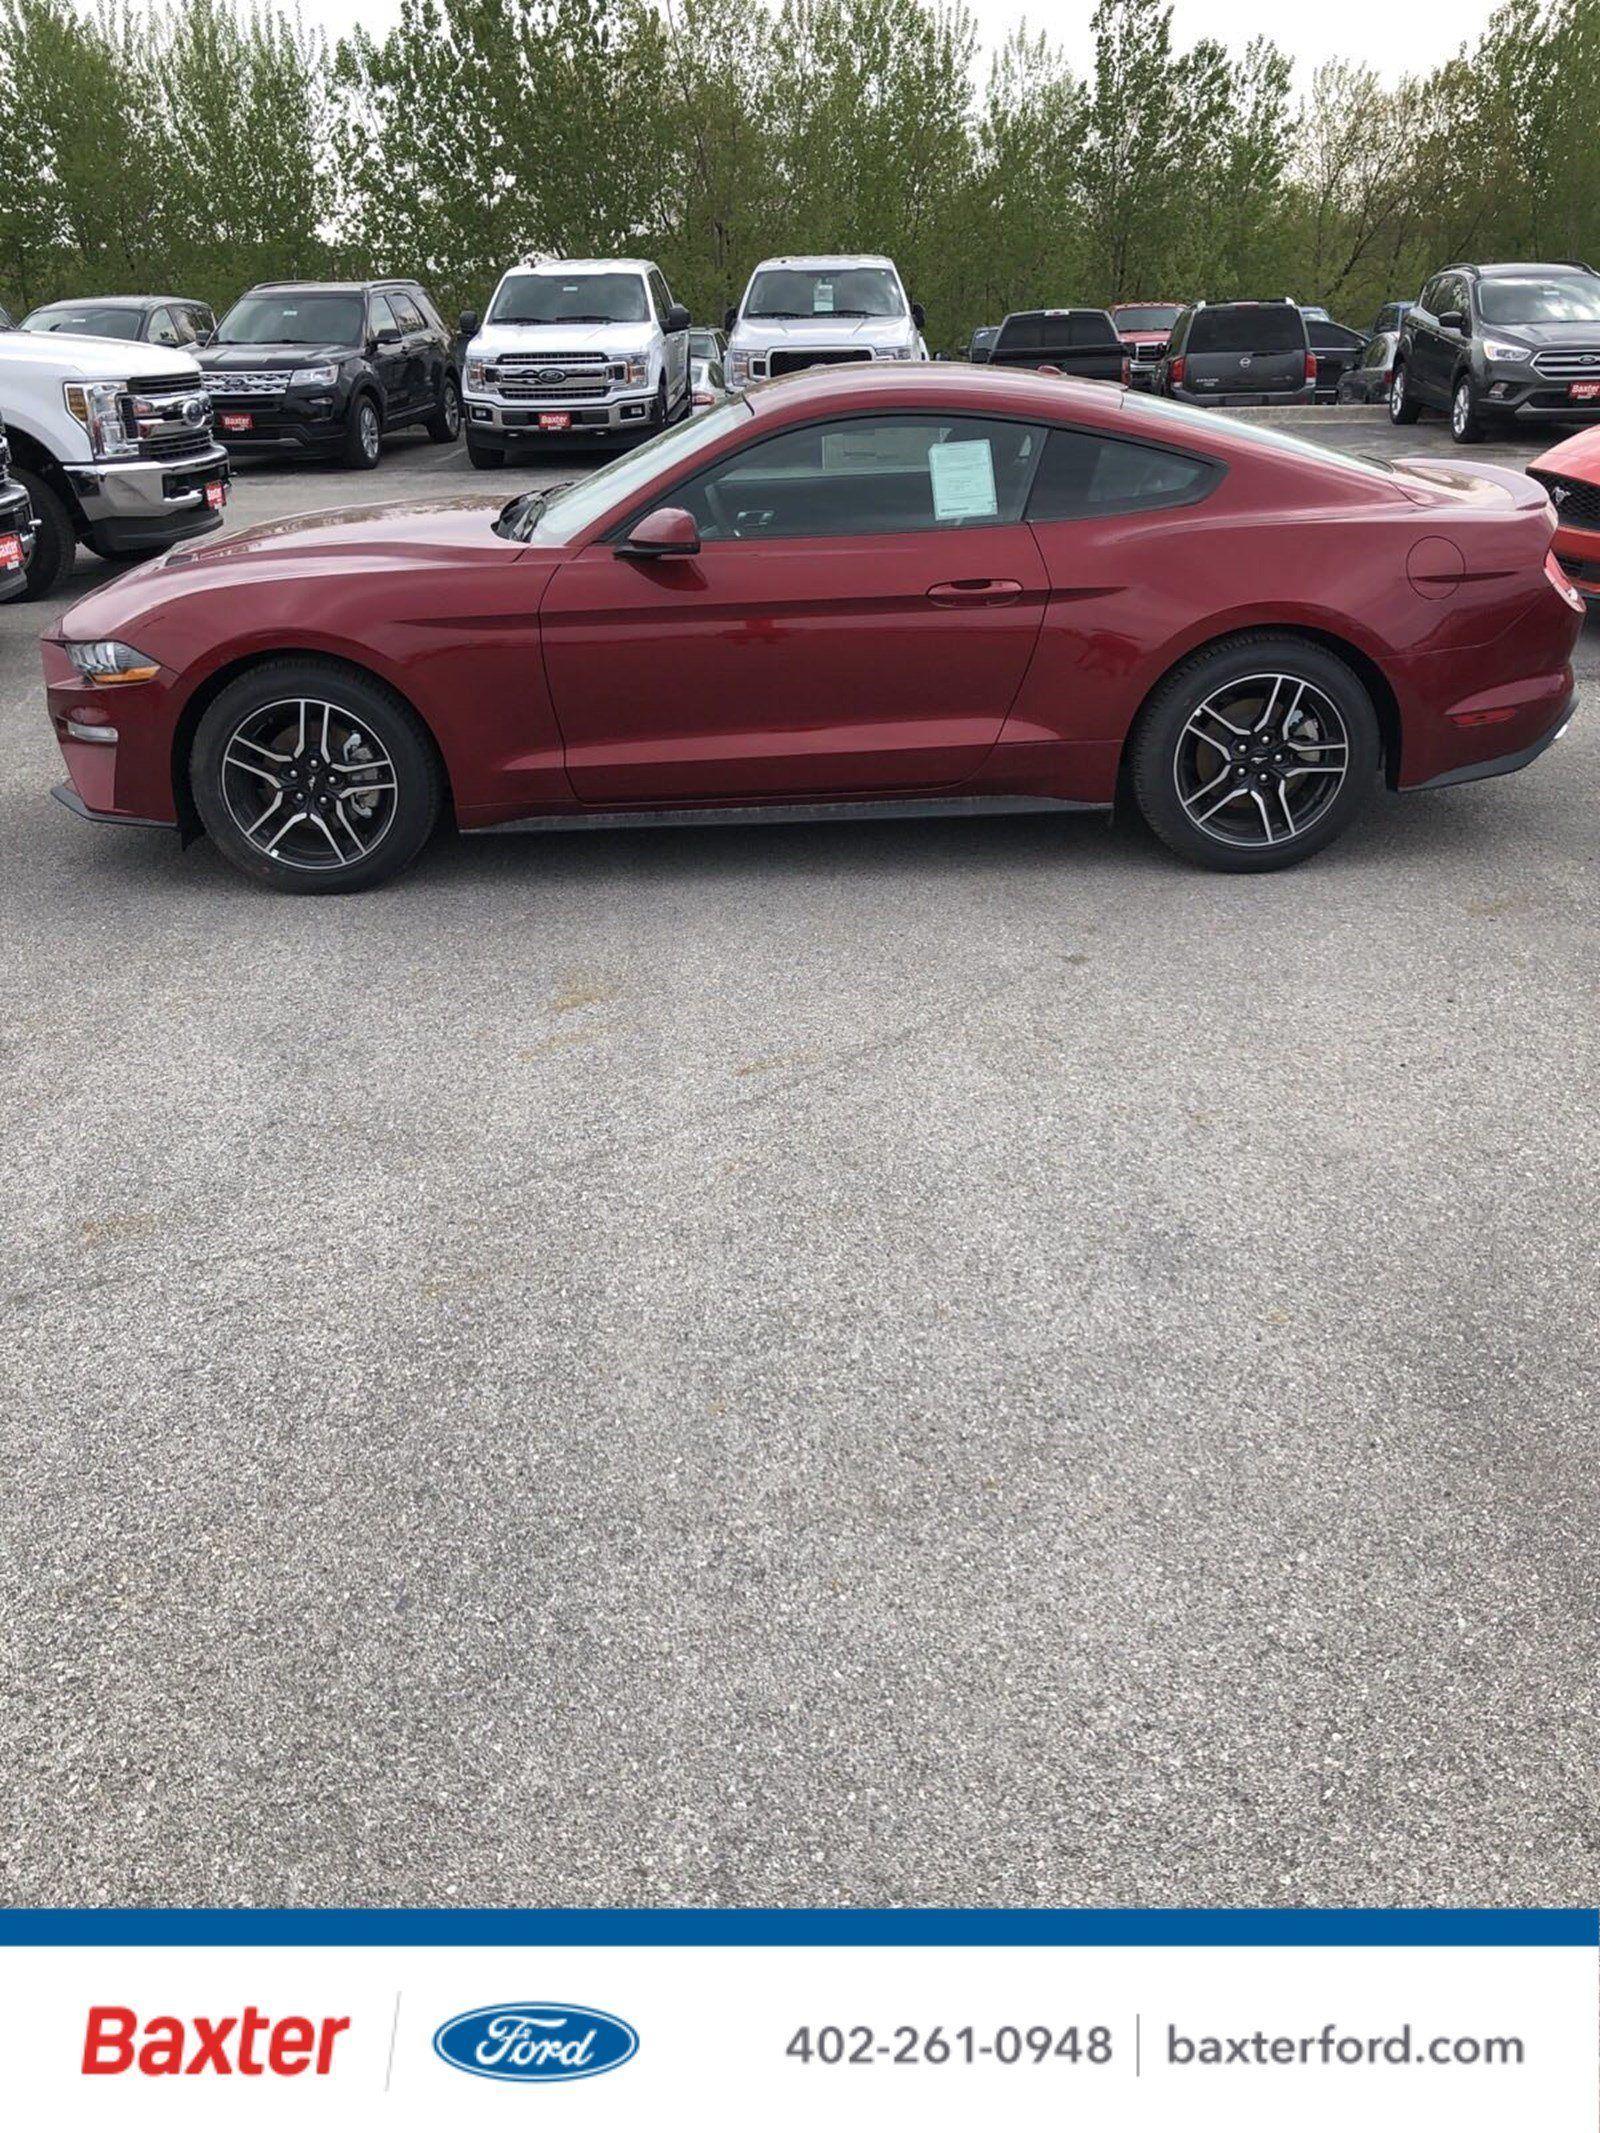 2021 Mustang Rocket Release